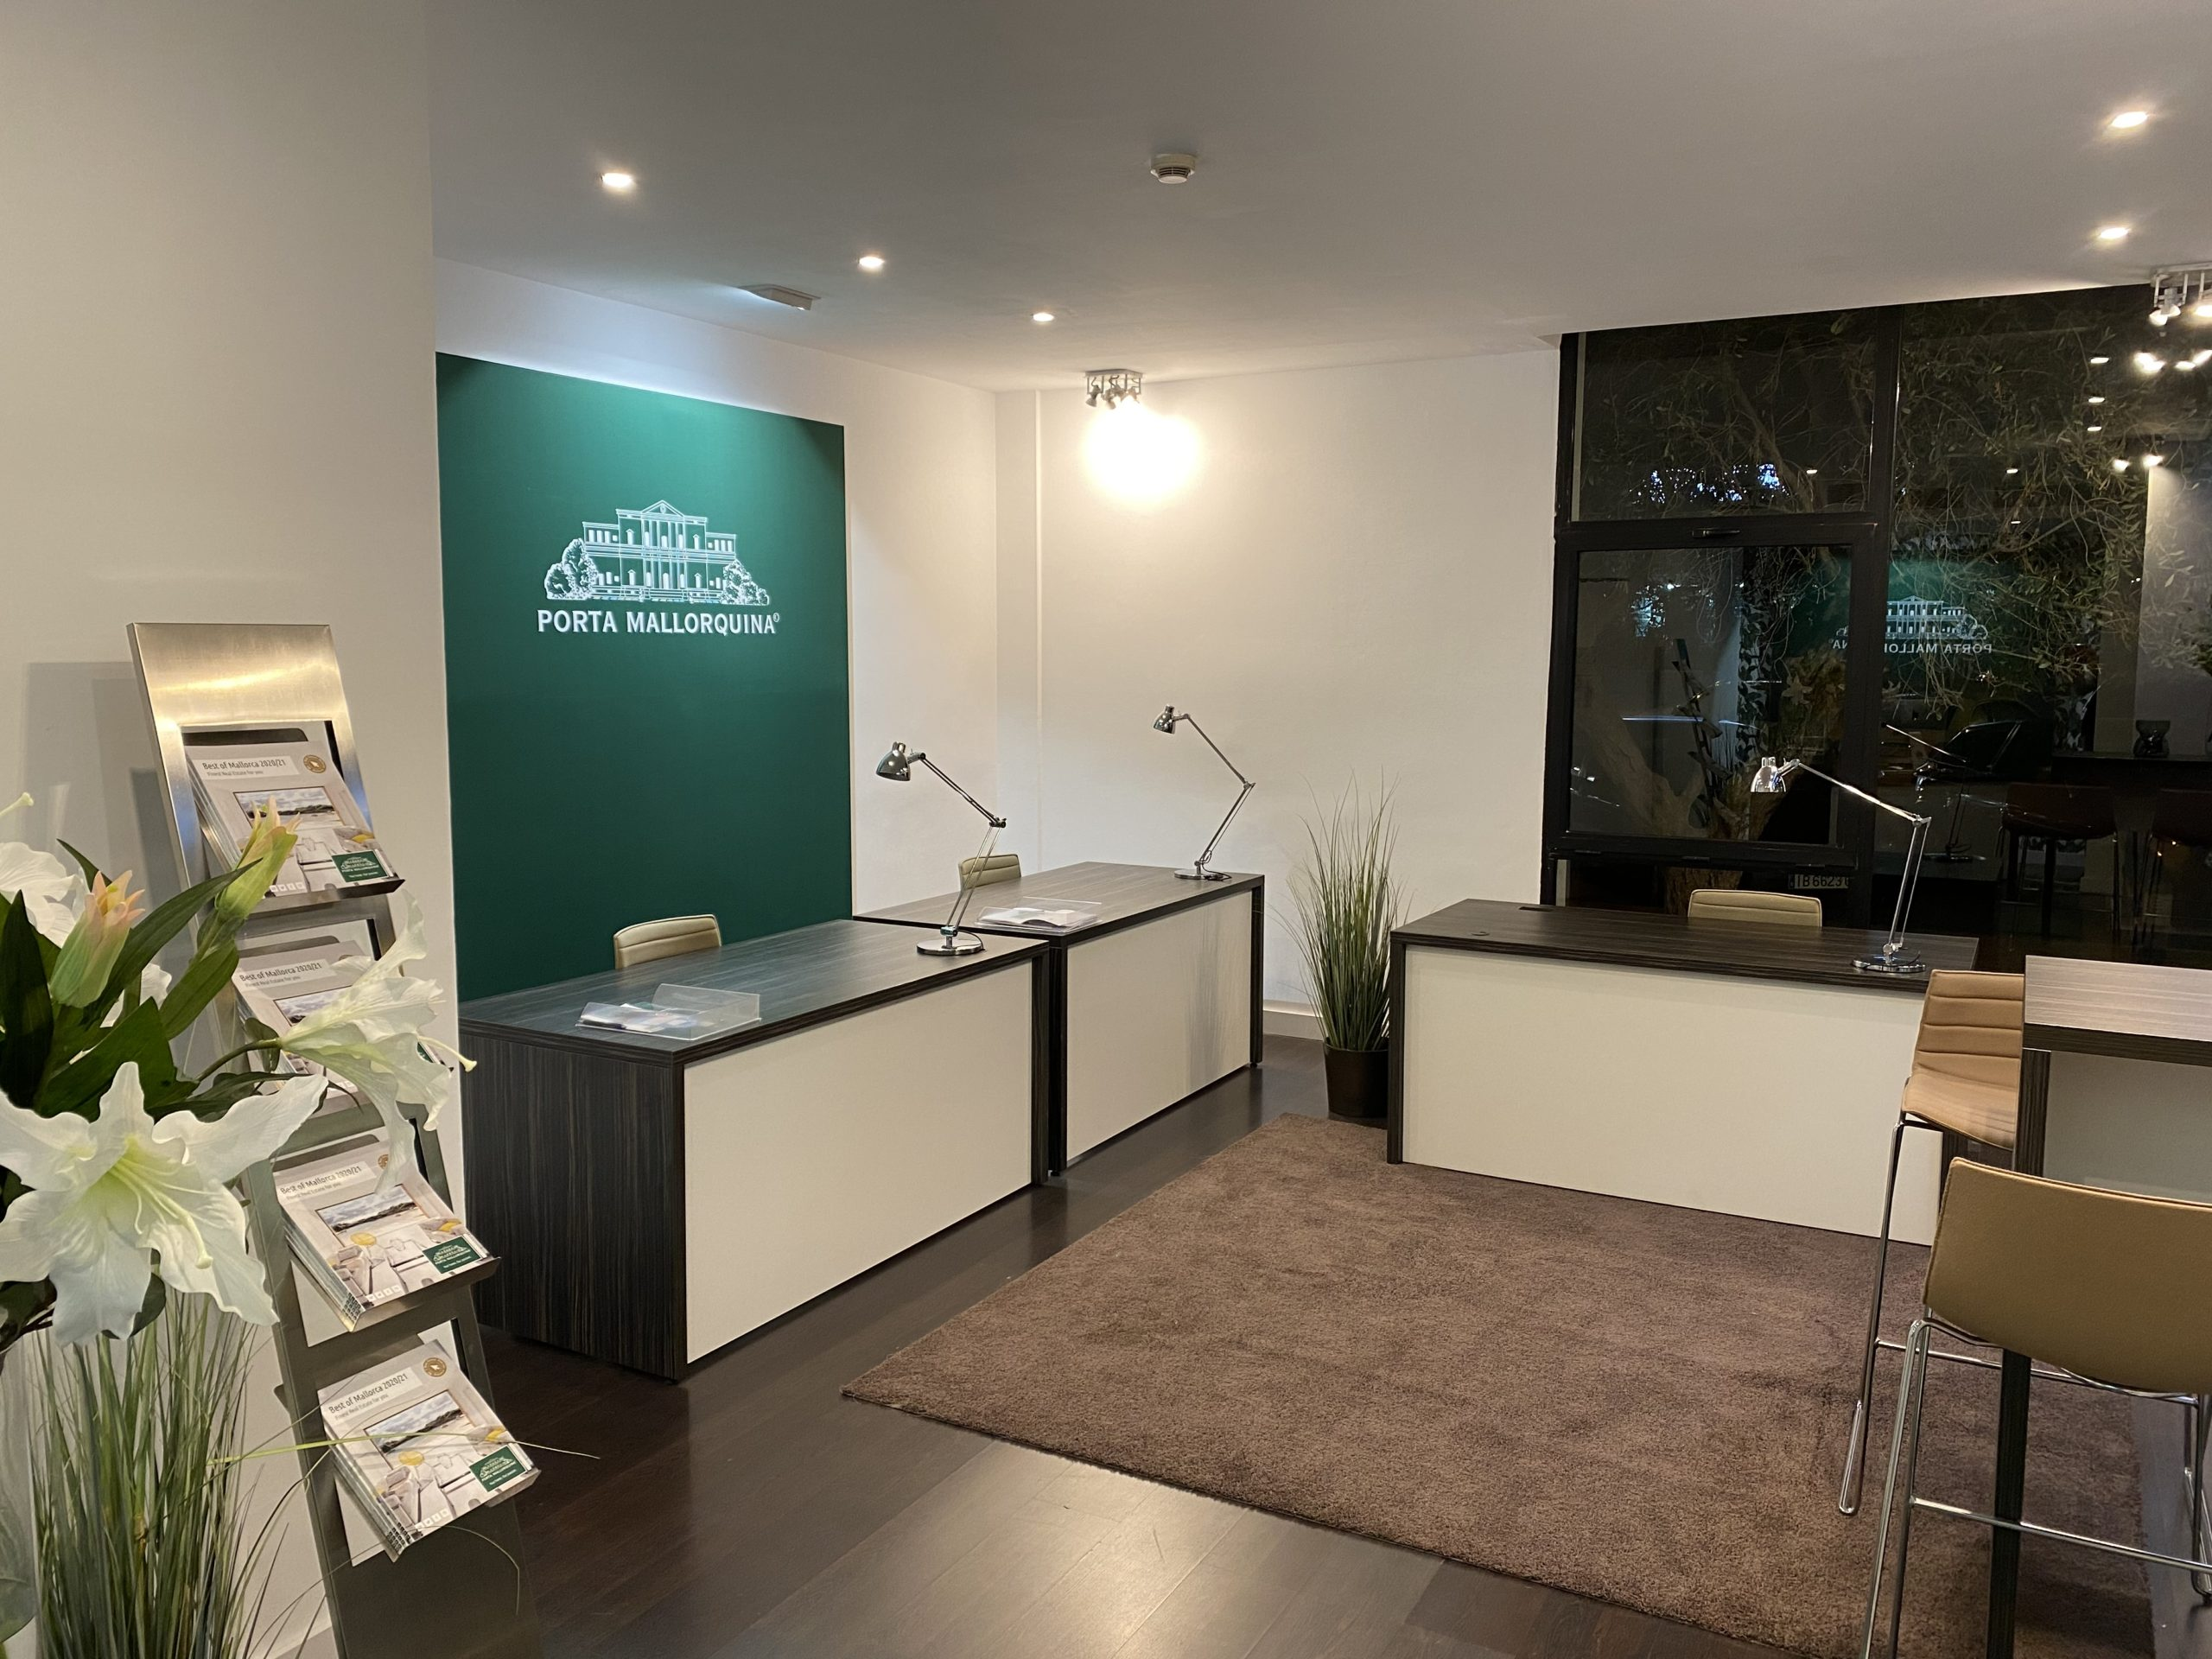 Der neue Immobilienshop von Porta Mallorquina in Santa Ponsa